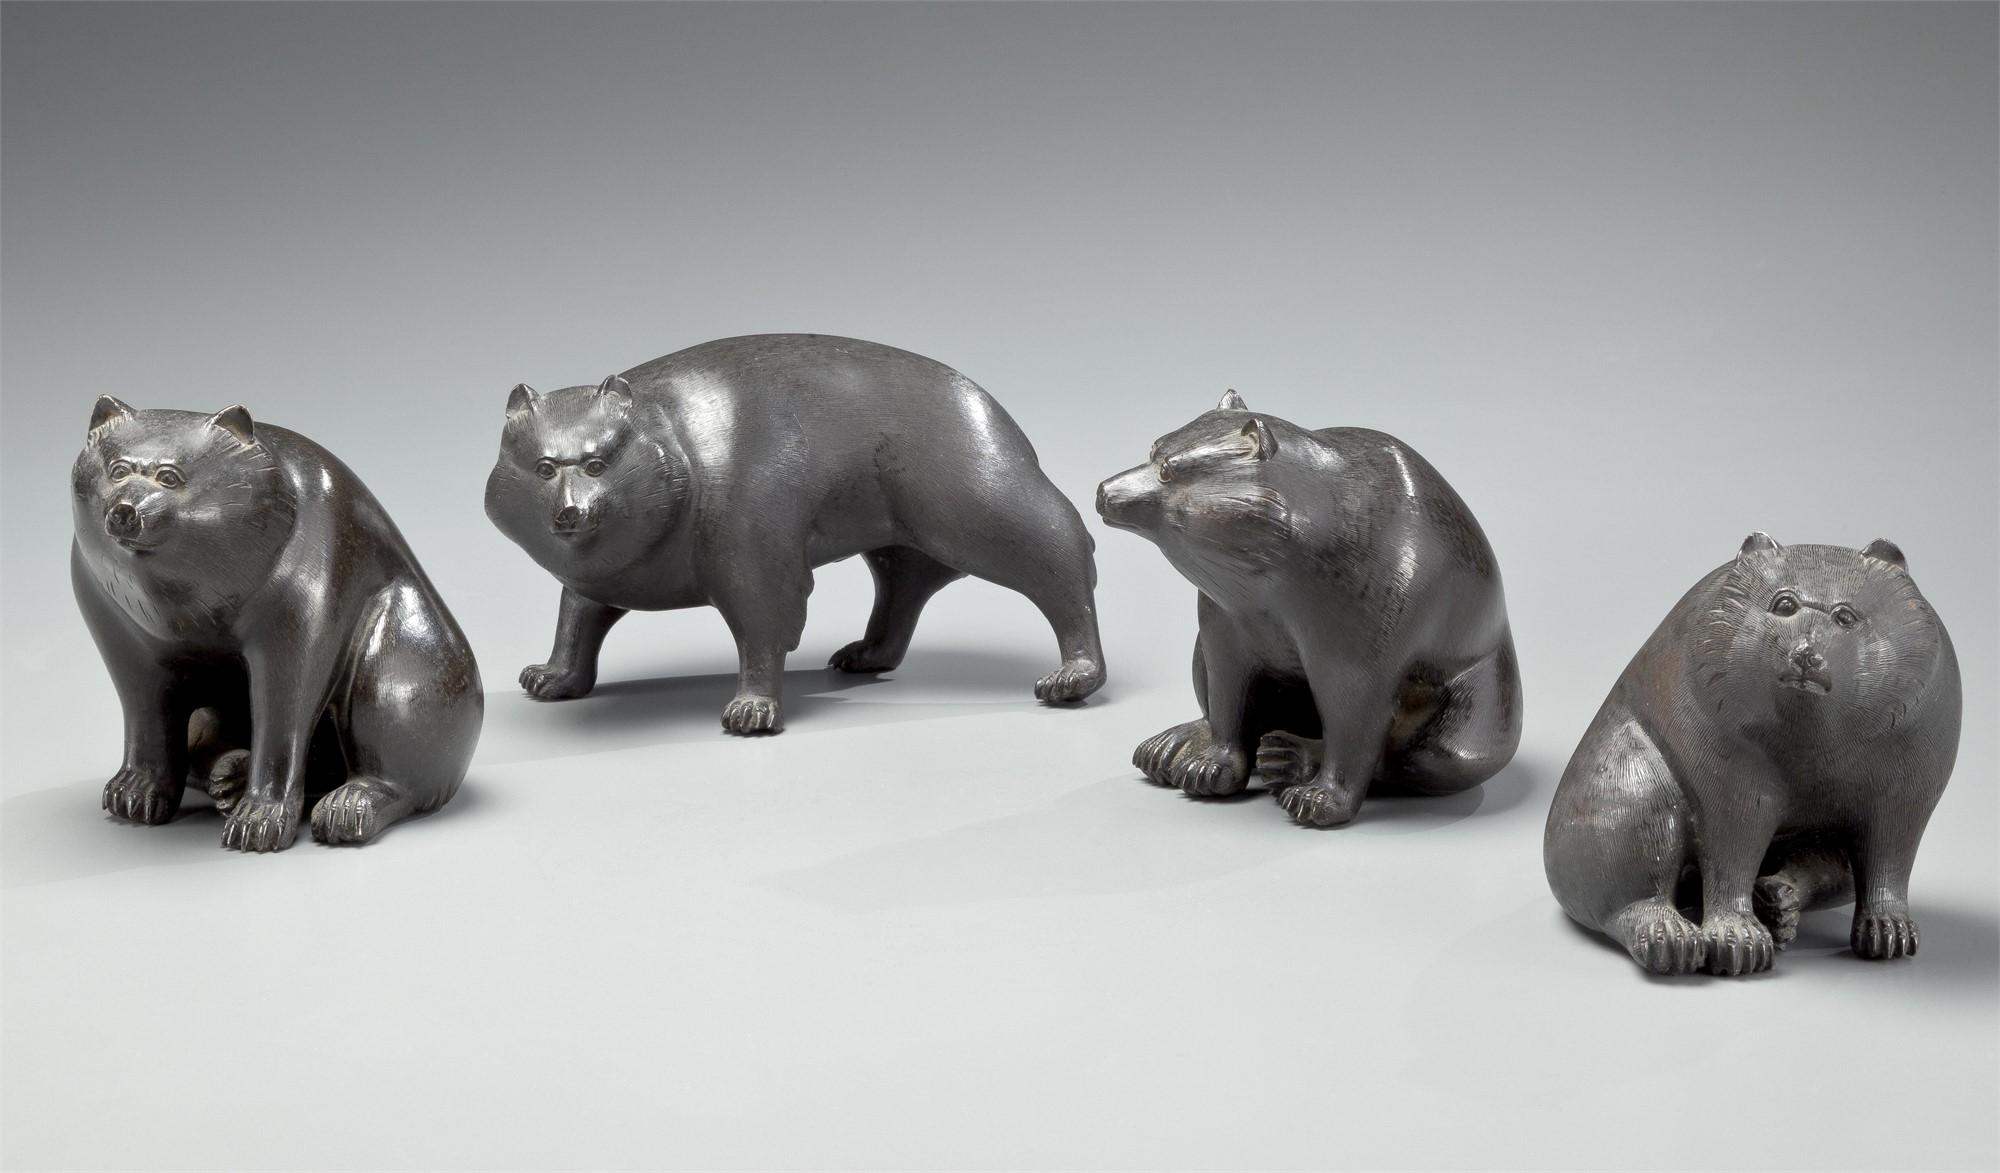 FOUR BRONZE OKIMONO OF HIMALAYAN BROWN BEARS by Morimasa and Hoju